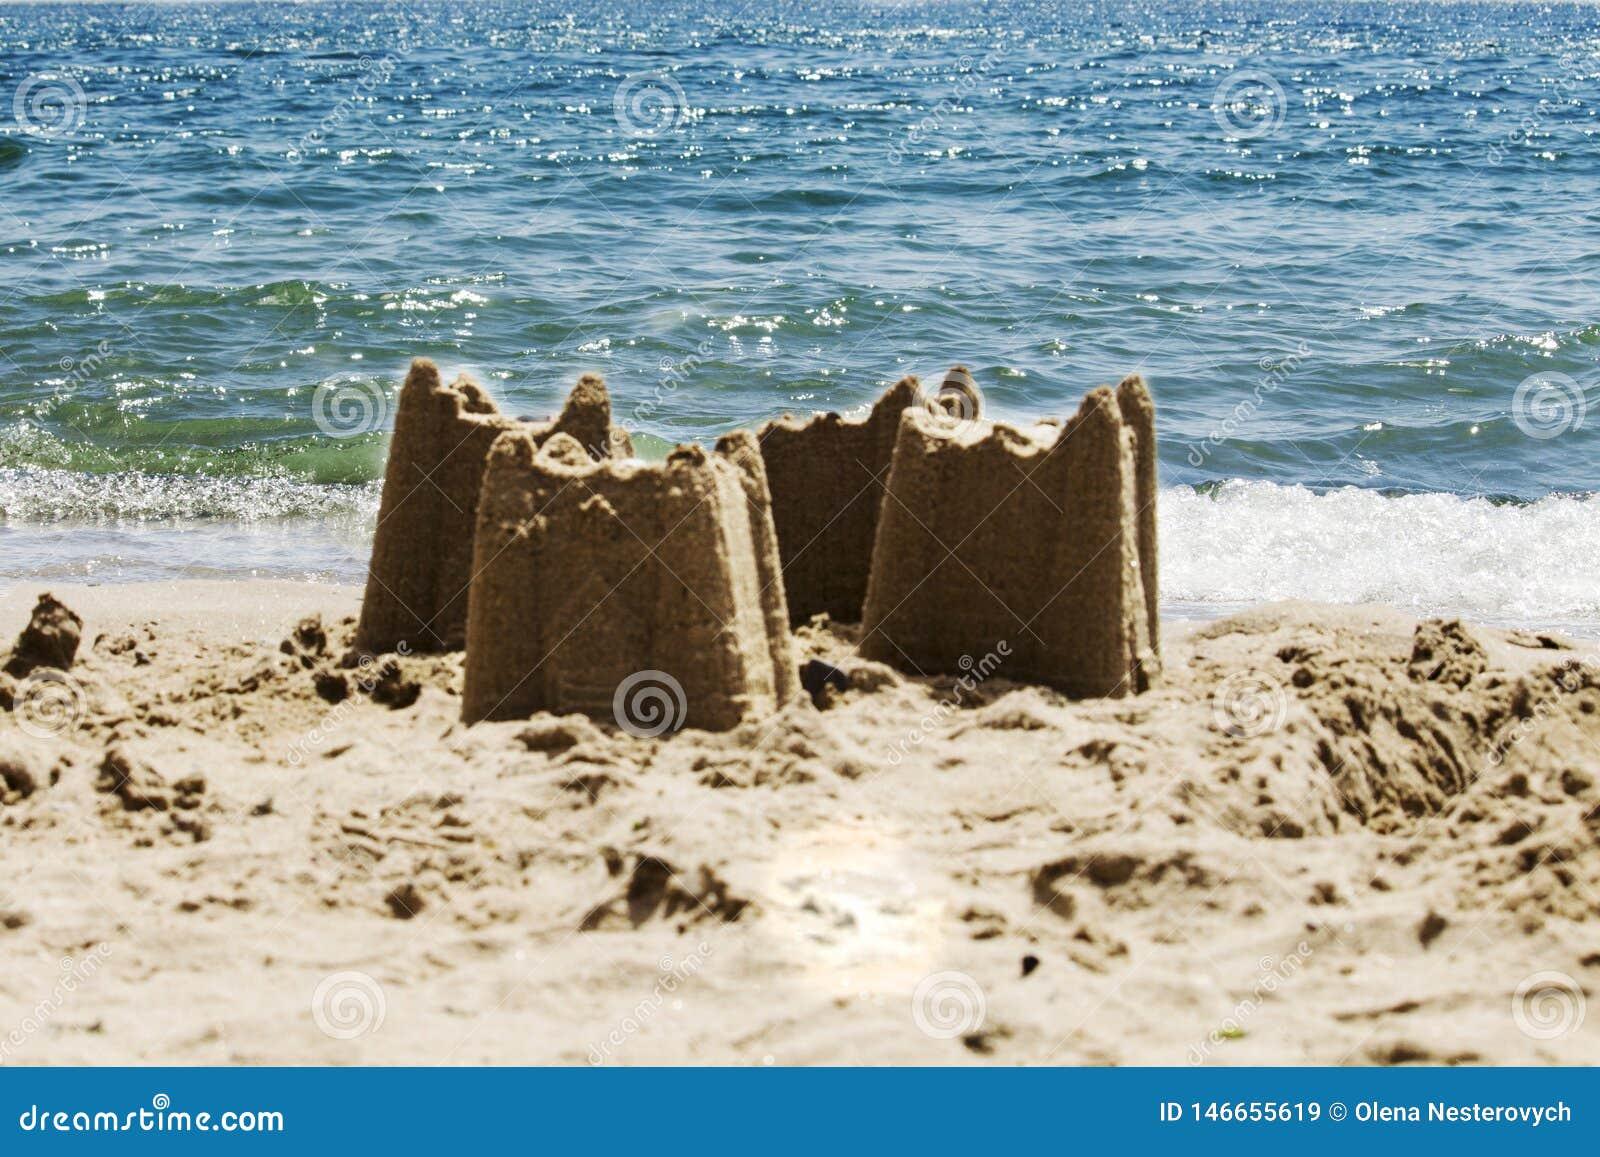 Piasek roszuje na plaży z morzem w tle, s